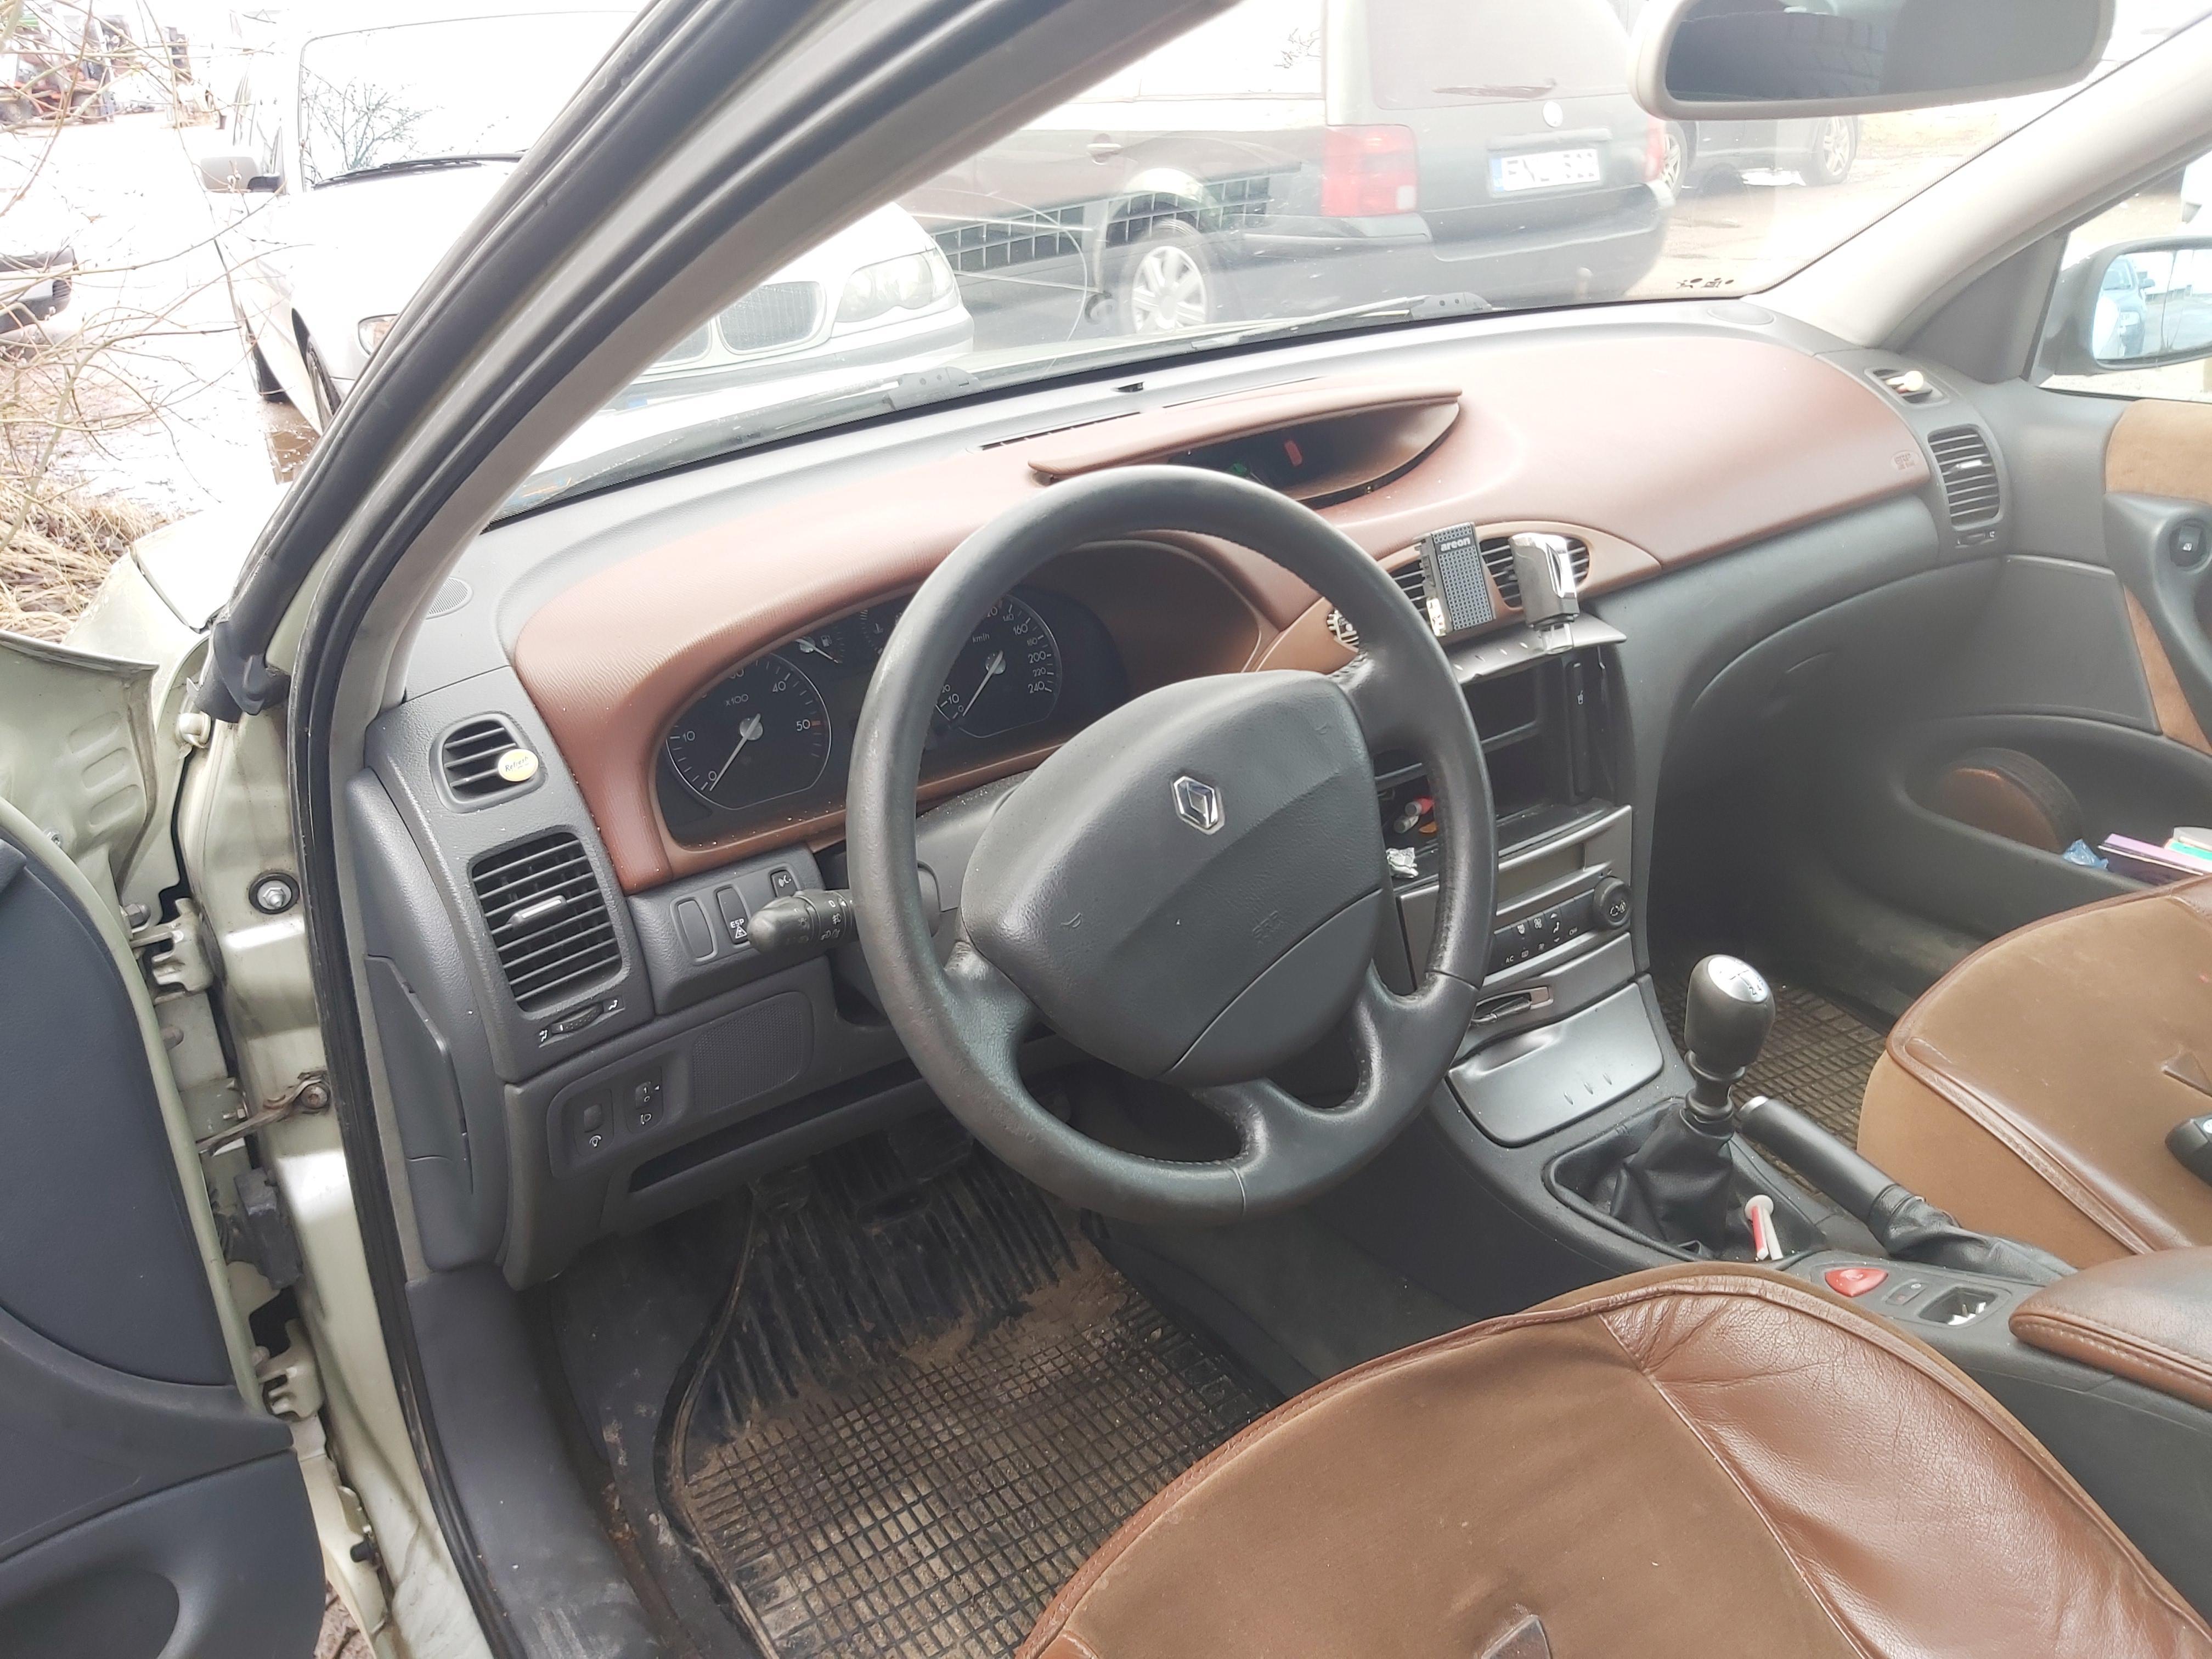 Подержанные Автозапчасти Renault LAGUNA 2001 1.9 машиностроение хэтчбэк 4/5 d. зеленый 2020-3-05